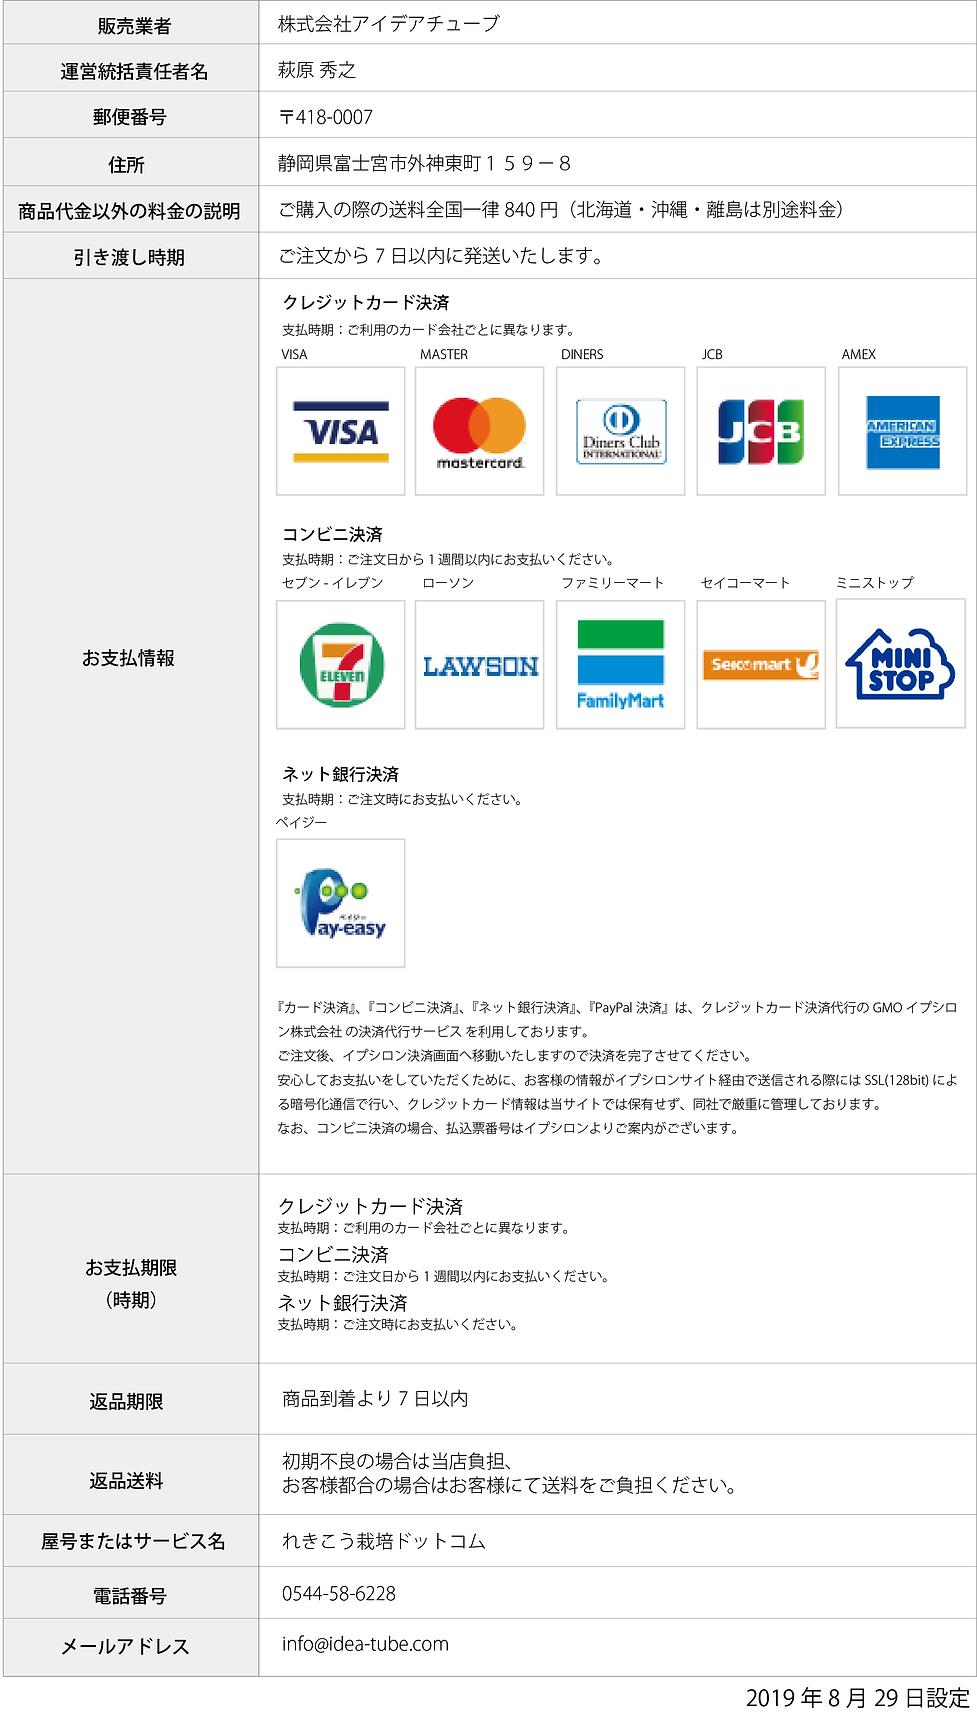 れき太郎ショップ特定商法表示.a2020-8-20.png